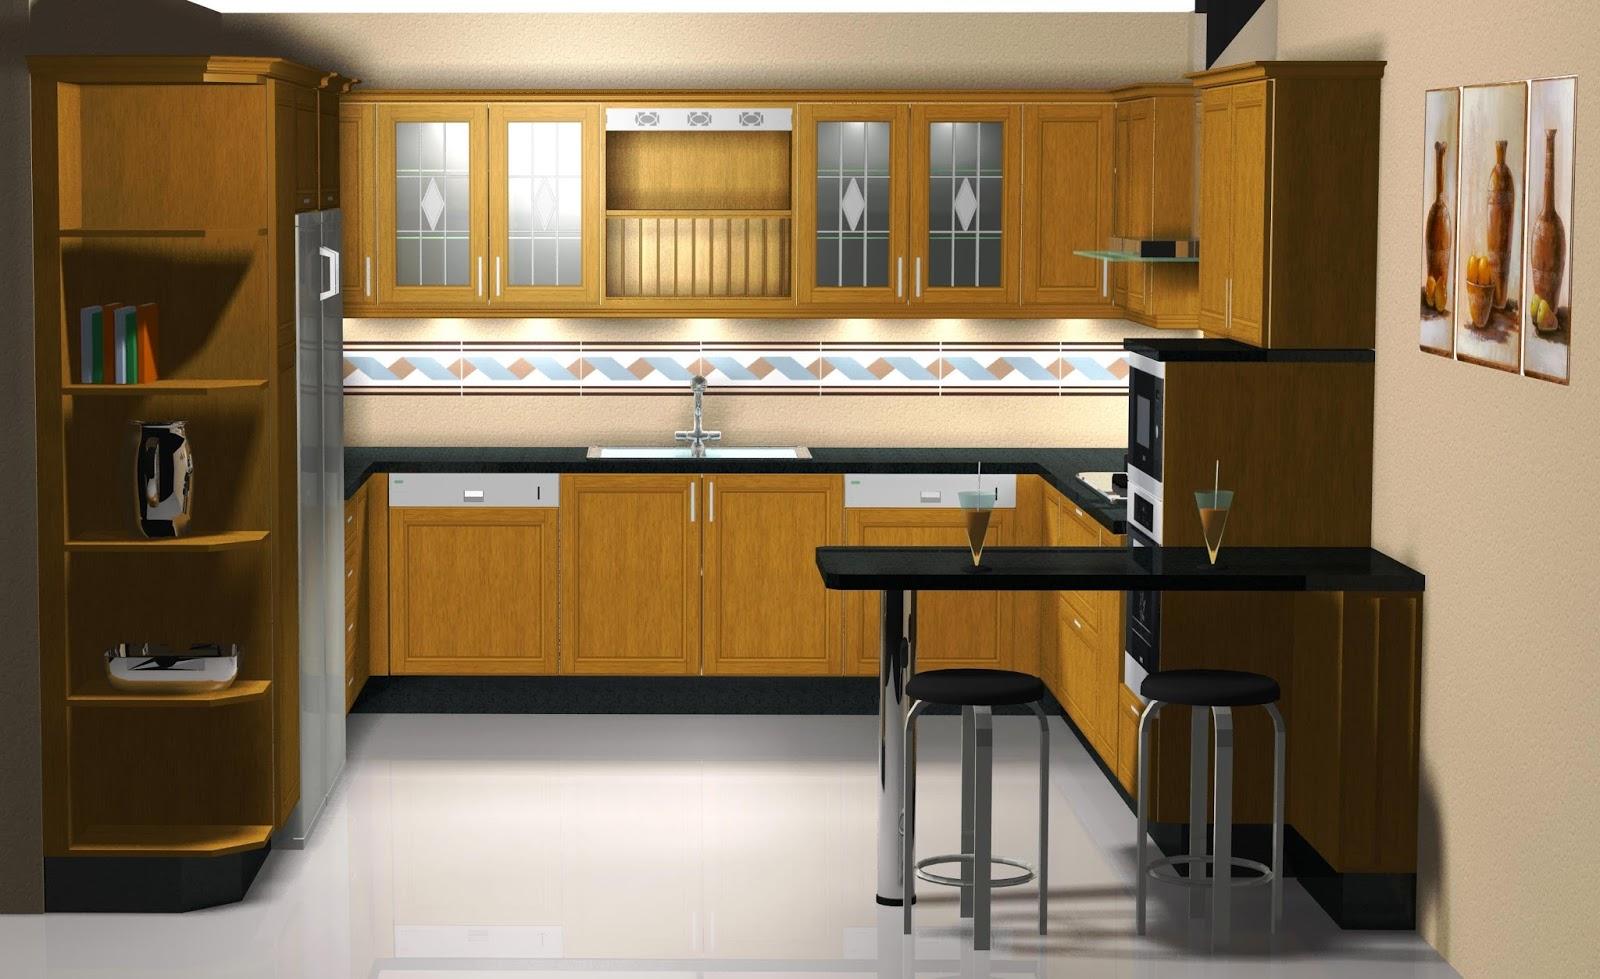 Dise o de cocina en madera de roble for Aplicacion diseno cocinas